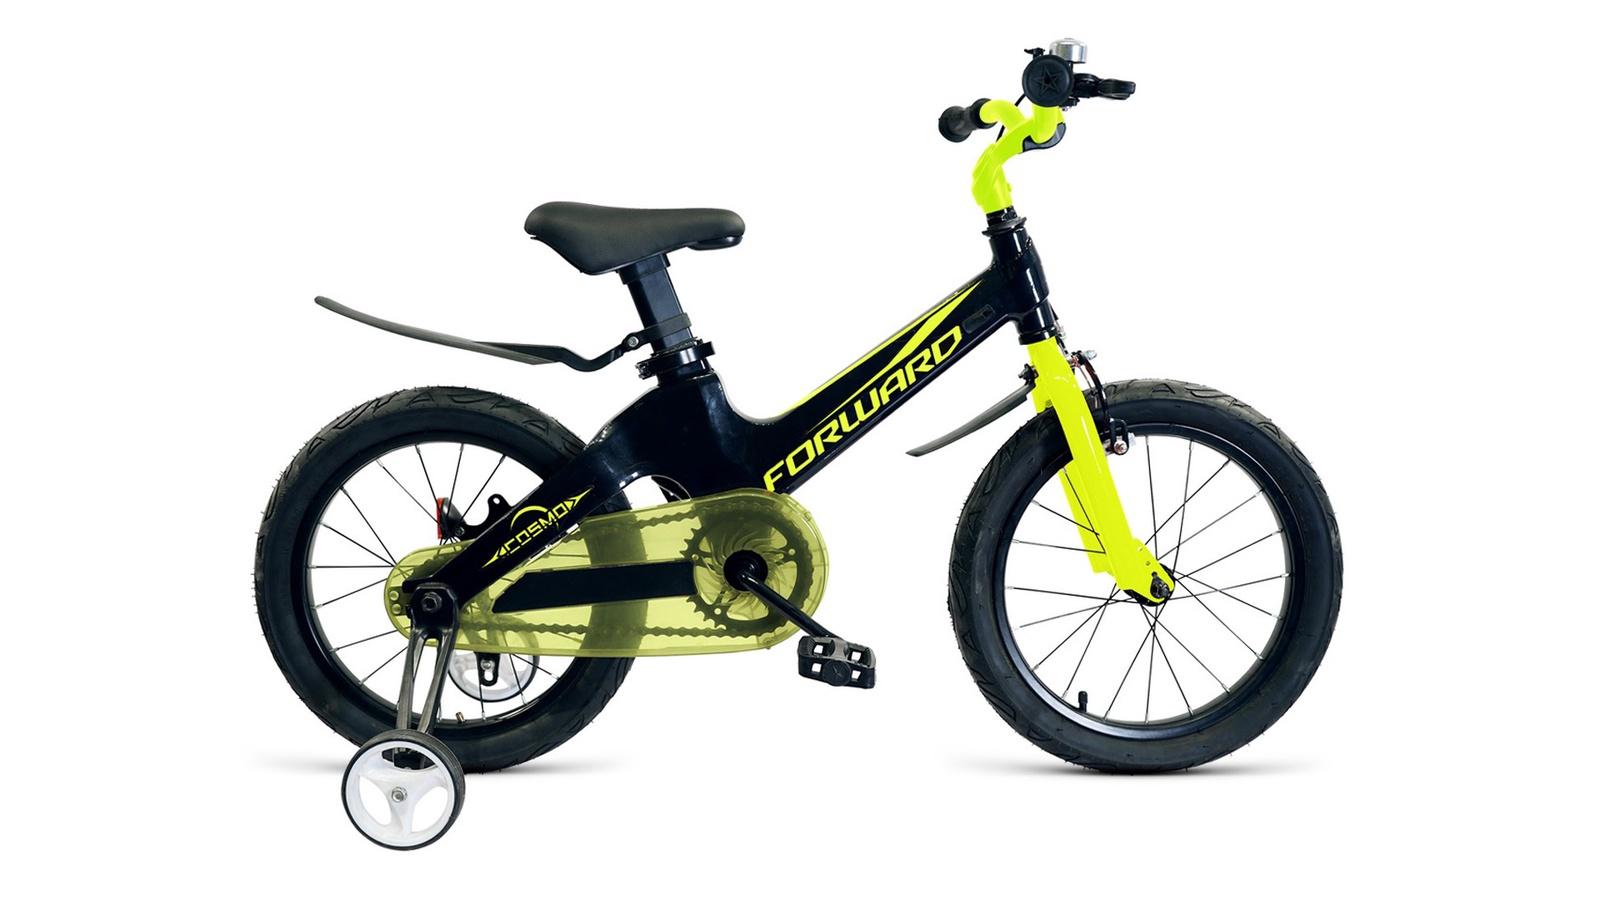 Велосипед Forward Cosmo, черный, зеленый велосипед forward zigzag 2019